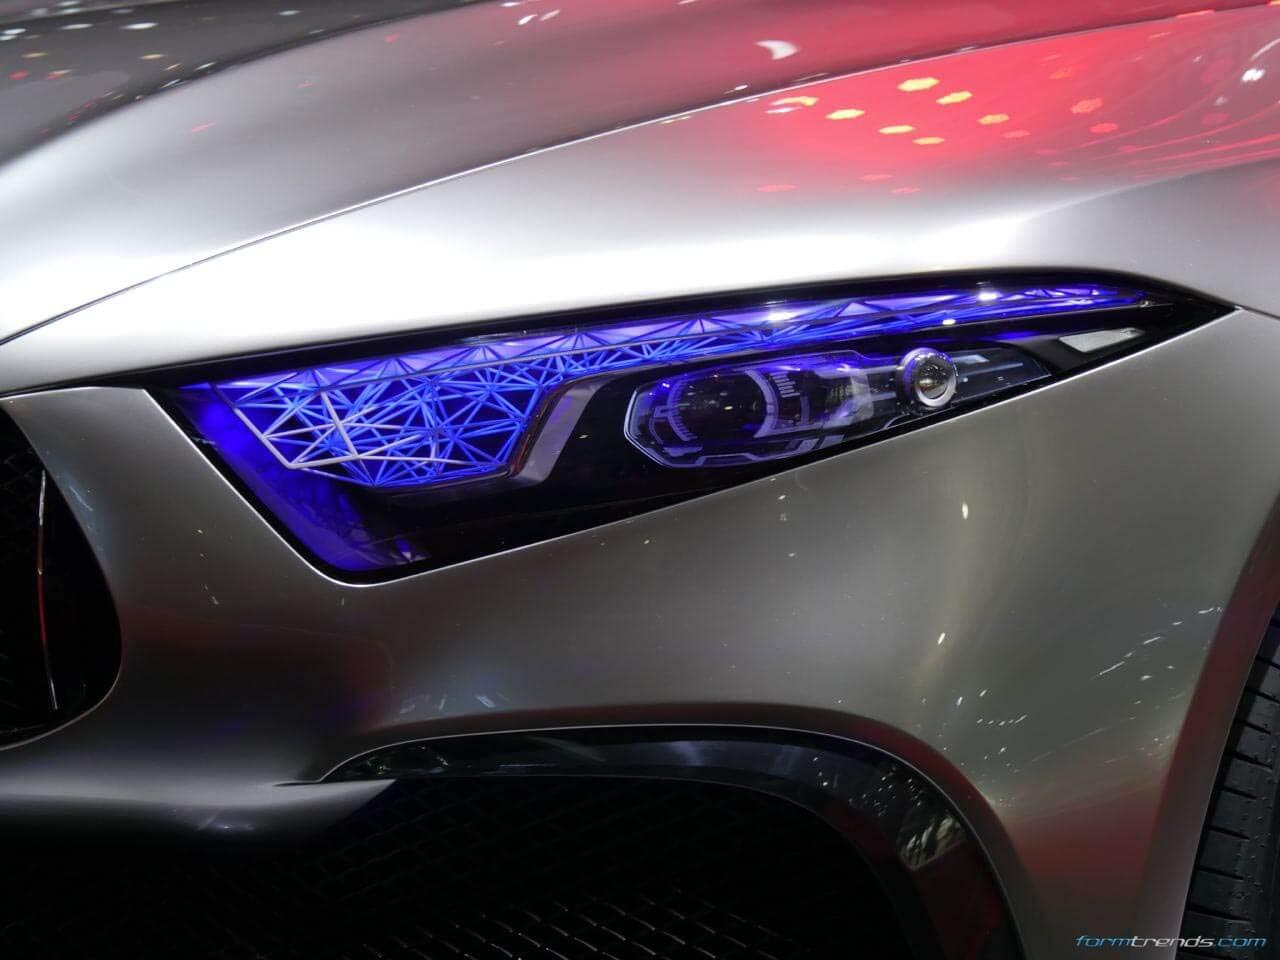 https://www.formtrends.com/wp-content/uploads/2017/04/mercedes-benz_concept-a-sedan_07.jpg